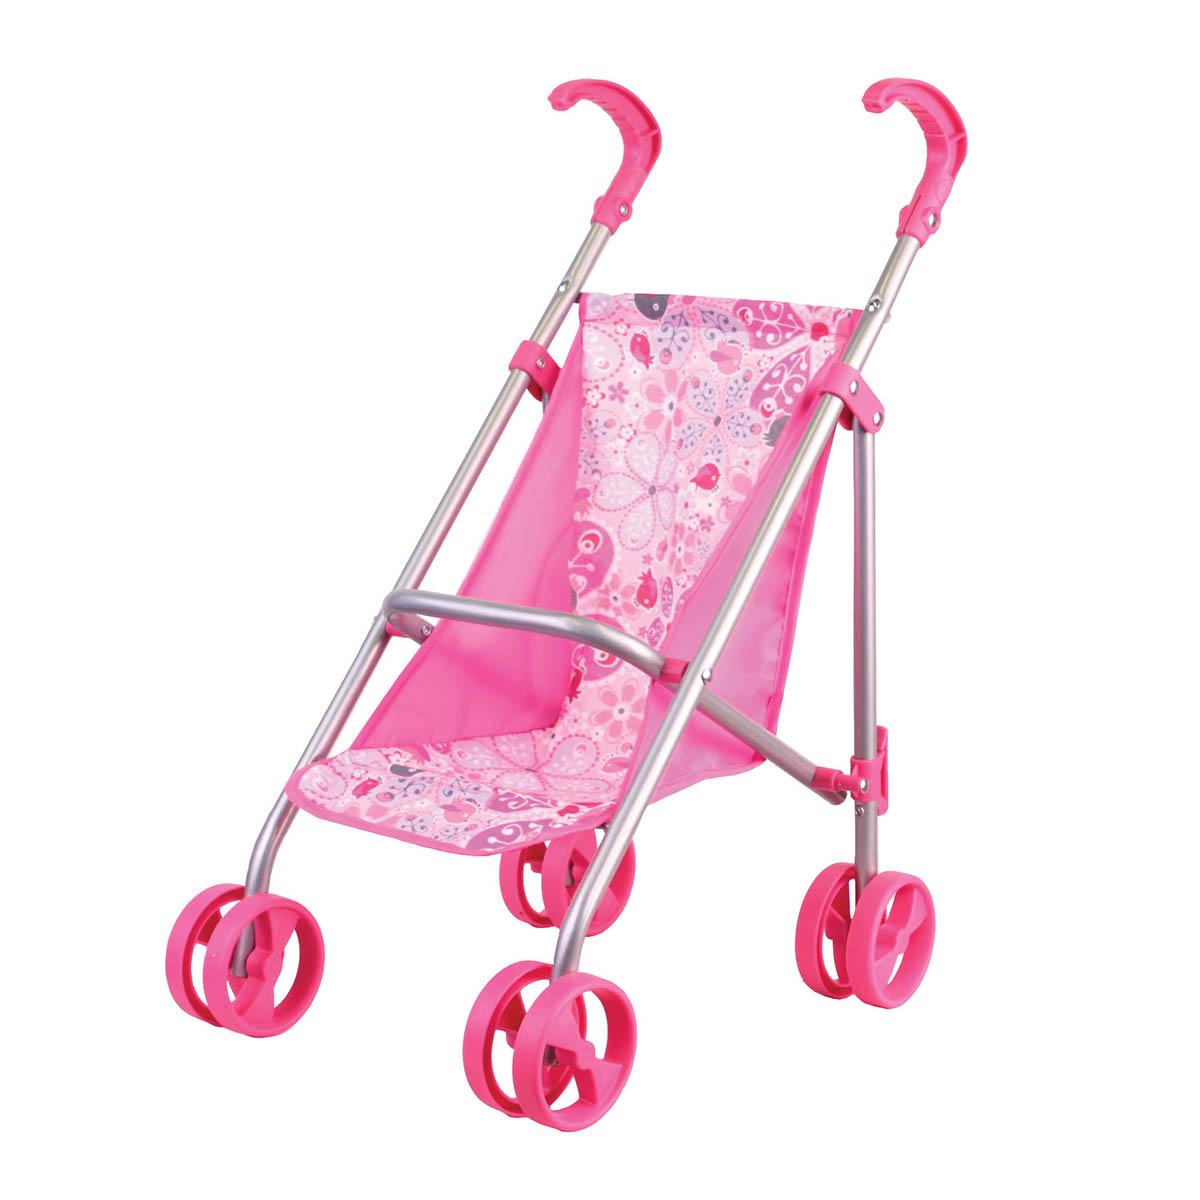 Коляска прогулочная розовая, классическаяКоляски для кукол<br>Коляска прогулочная розовая, классическая<br>